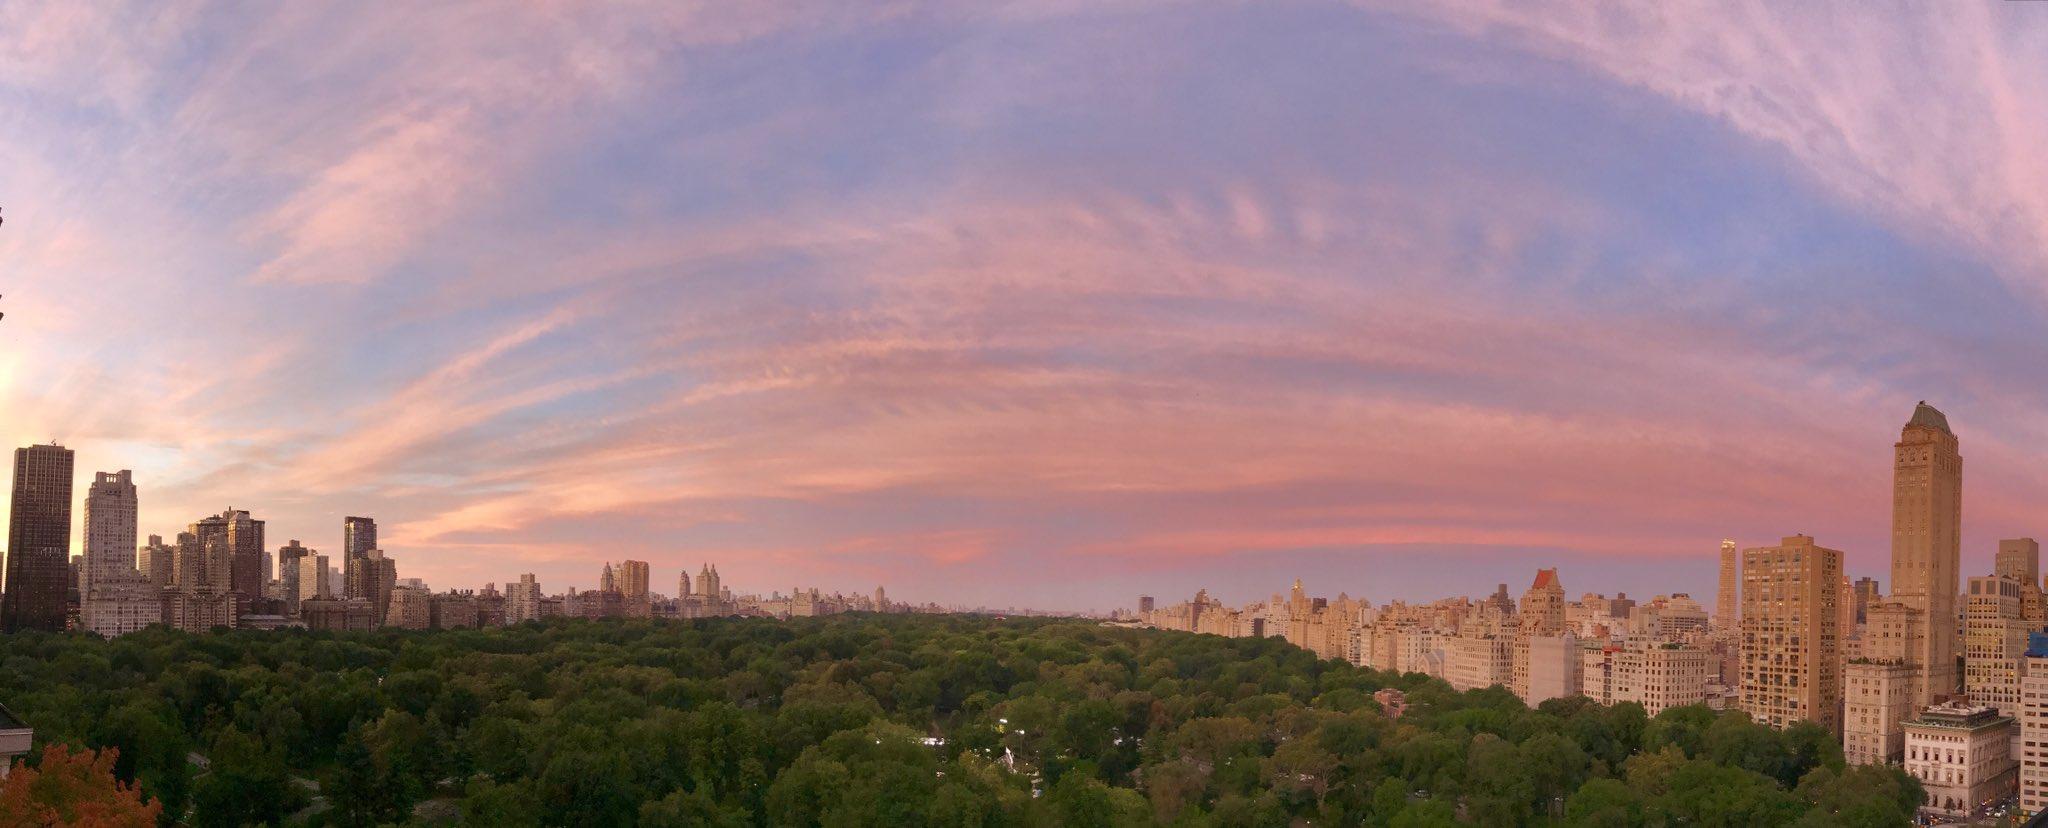 Yep. Pretty damn dramatic NYC sunset https://t.co/dg5X7UpAXN